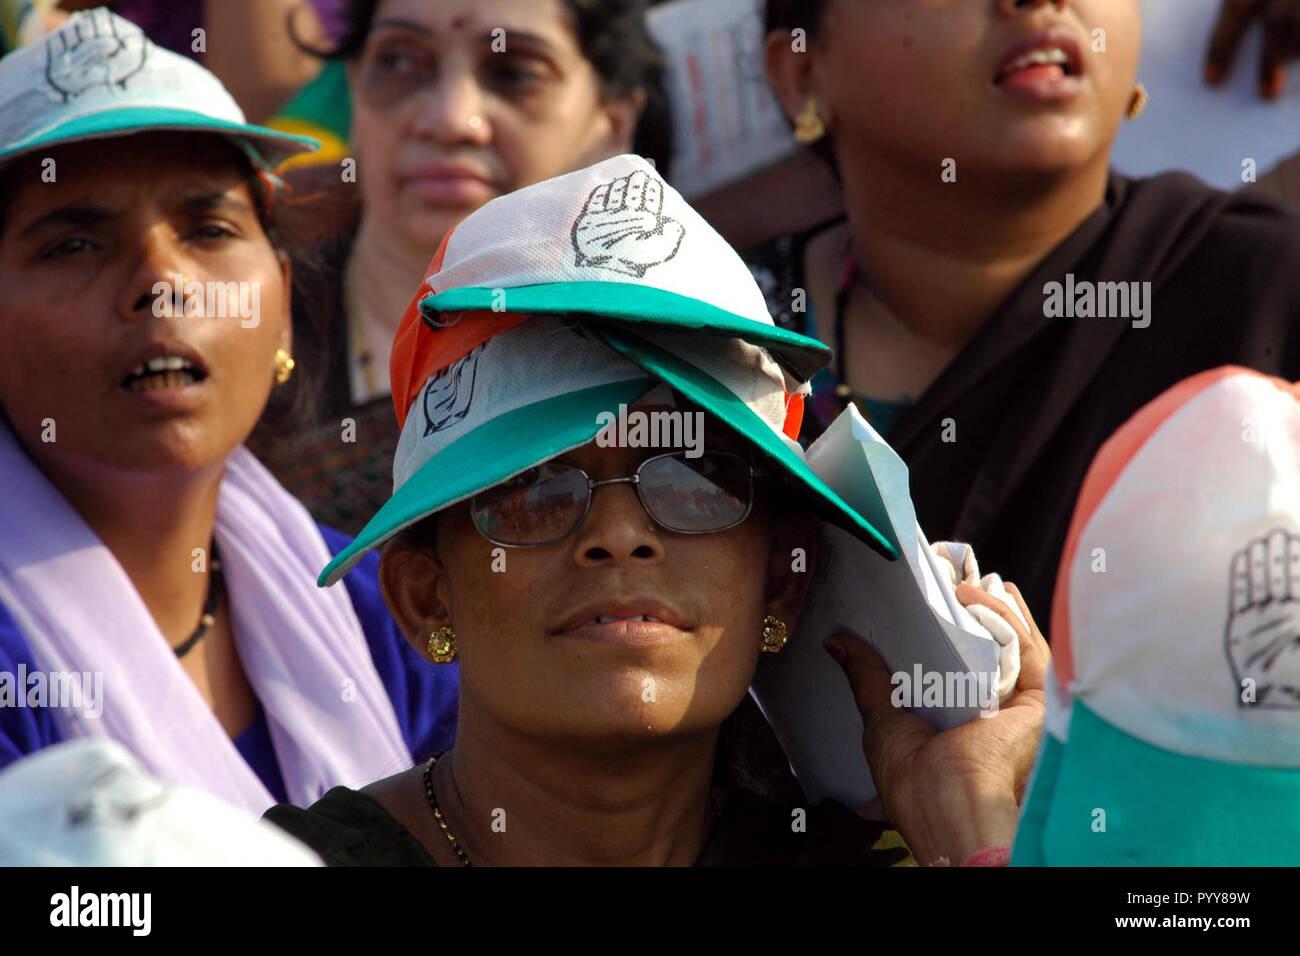 Woman supporter at Shivaji Park, Mumbai, Maharashtra, India, Asia - Stock Image